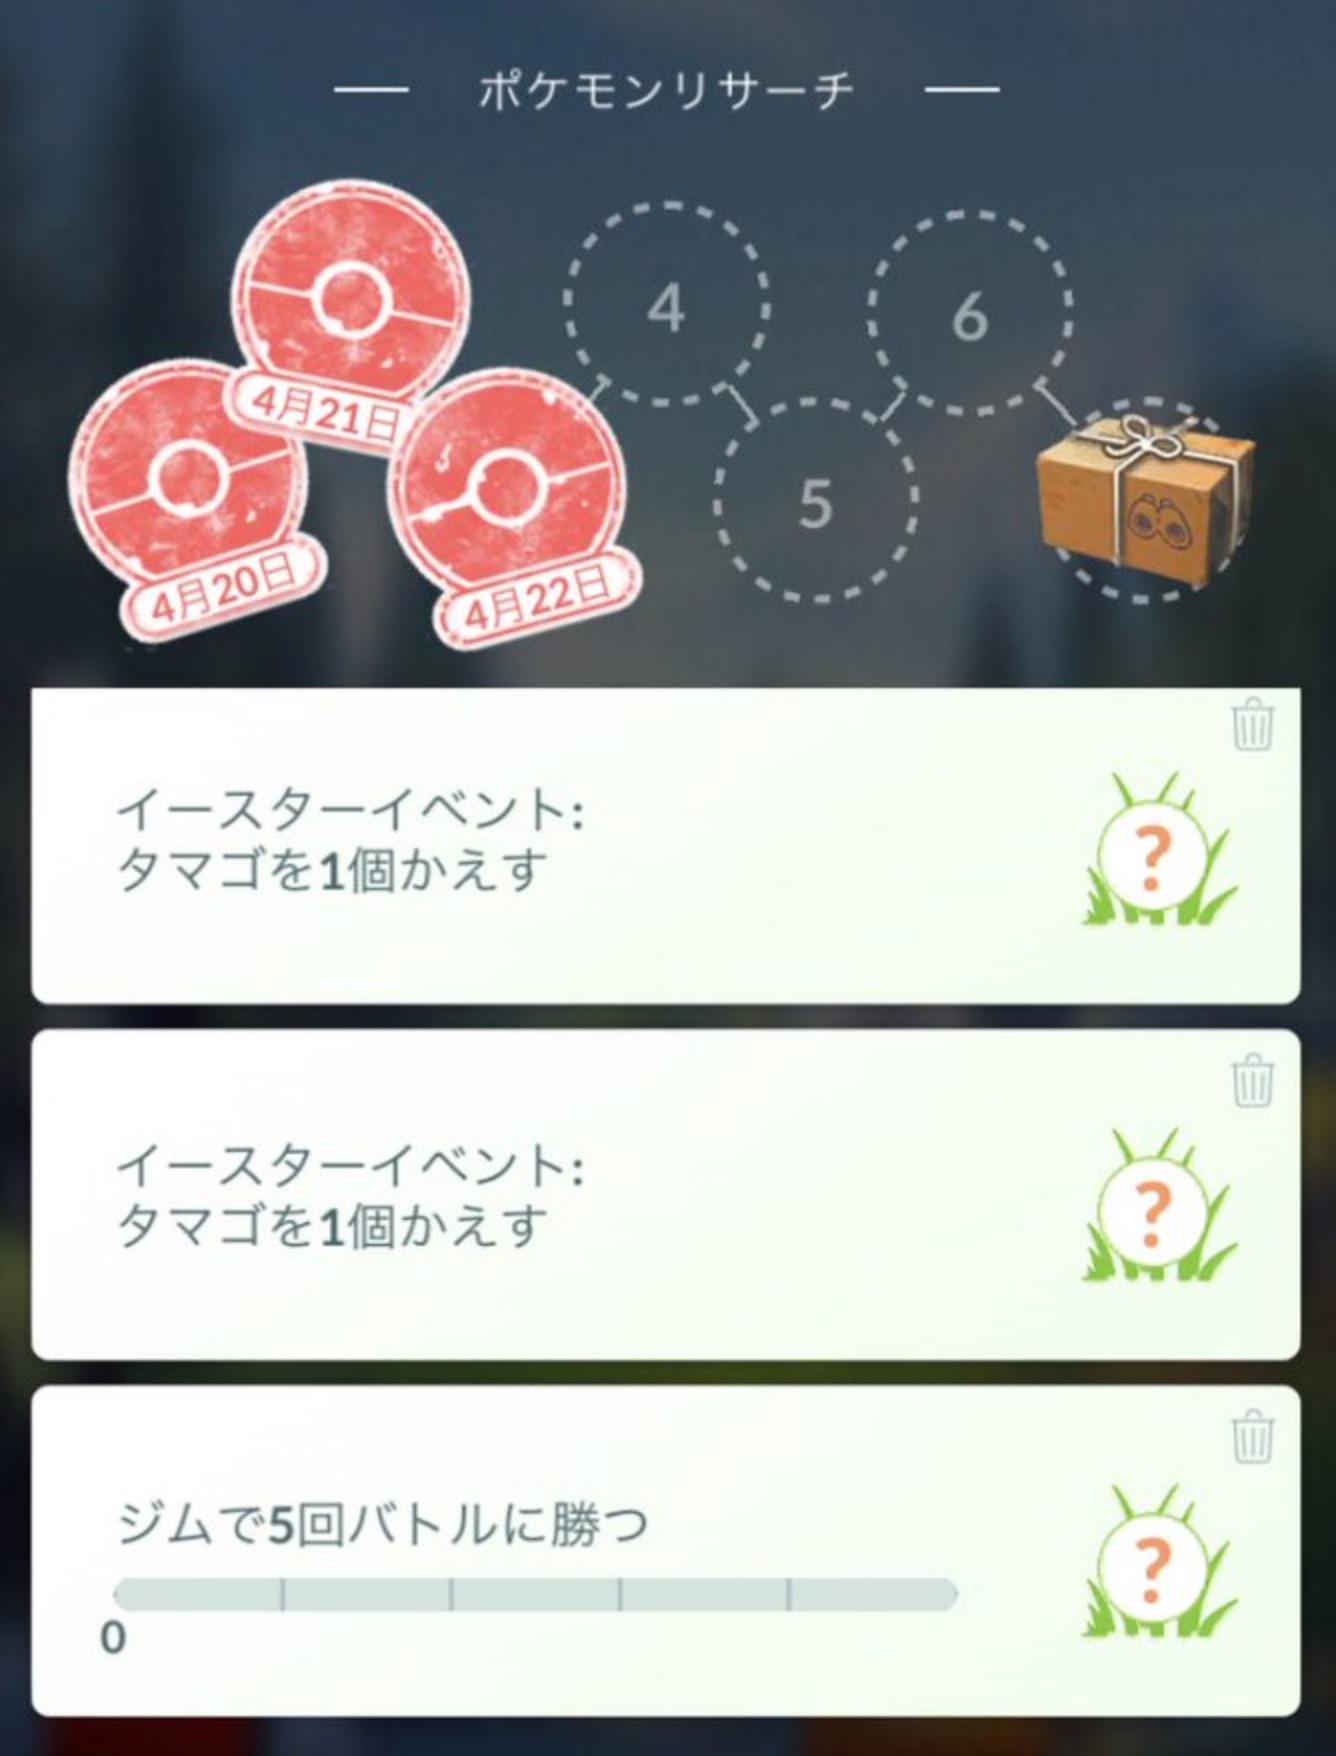 【ポケモンGO】ラプラスタスクは完全消滅していない?数少ないチャンスのために遠征する人も!